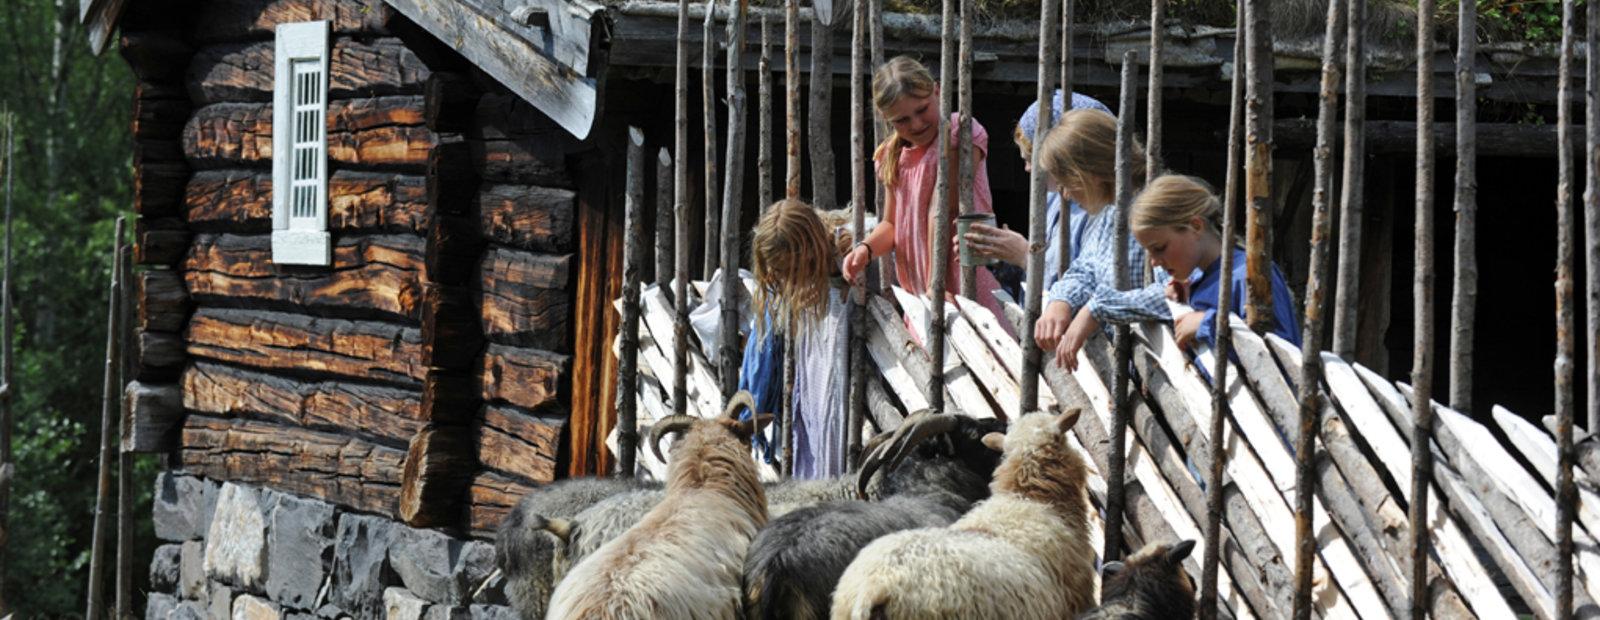 På Maihaugen er det mange dyr å kose med. Foto: Esben Haakenstad.